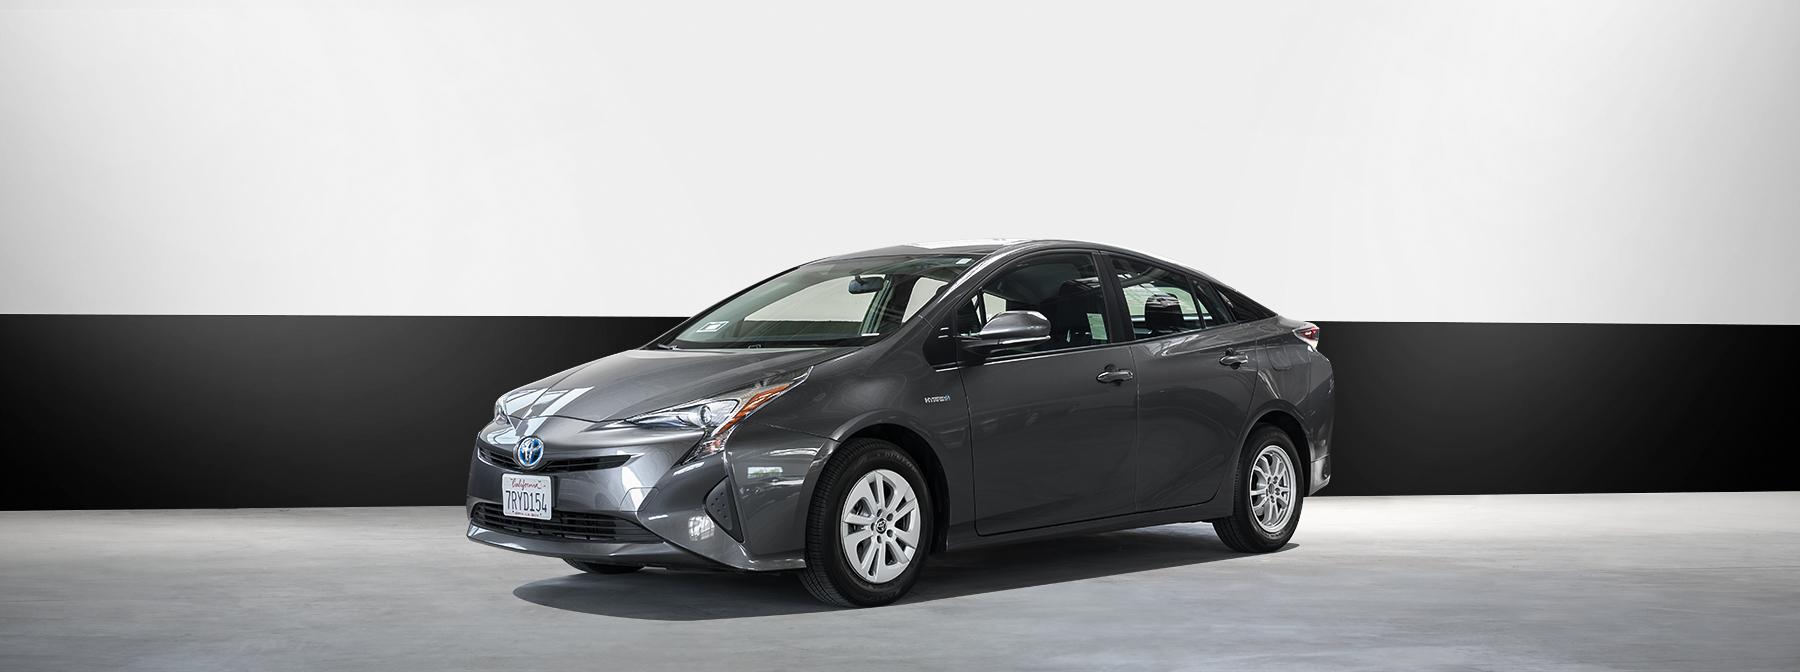 Prius Car Rental Lax